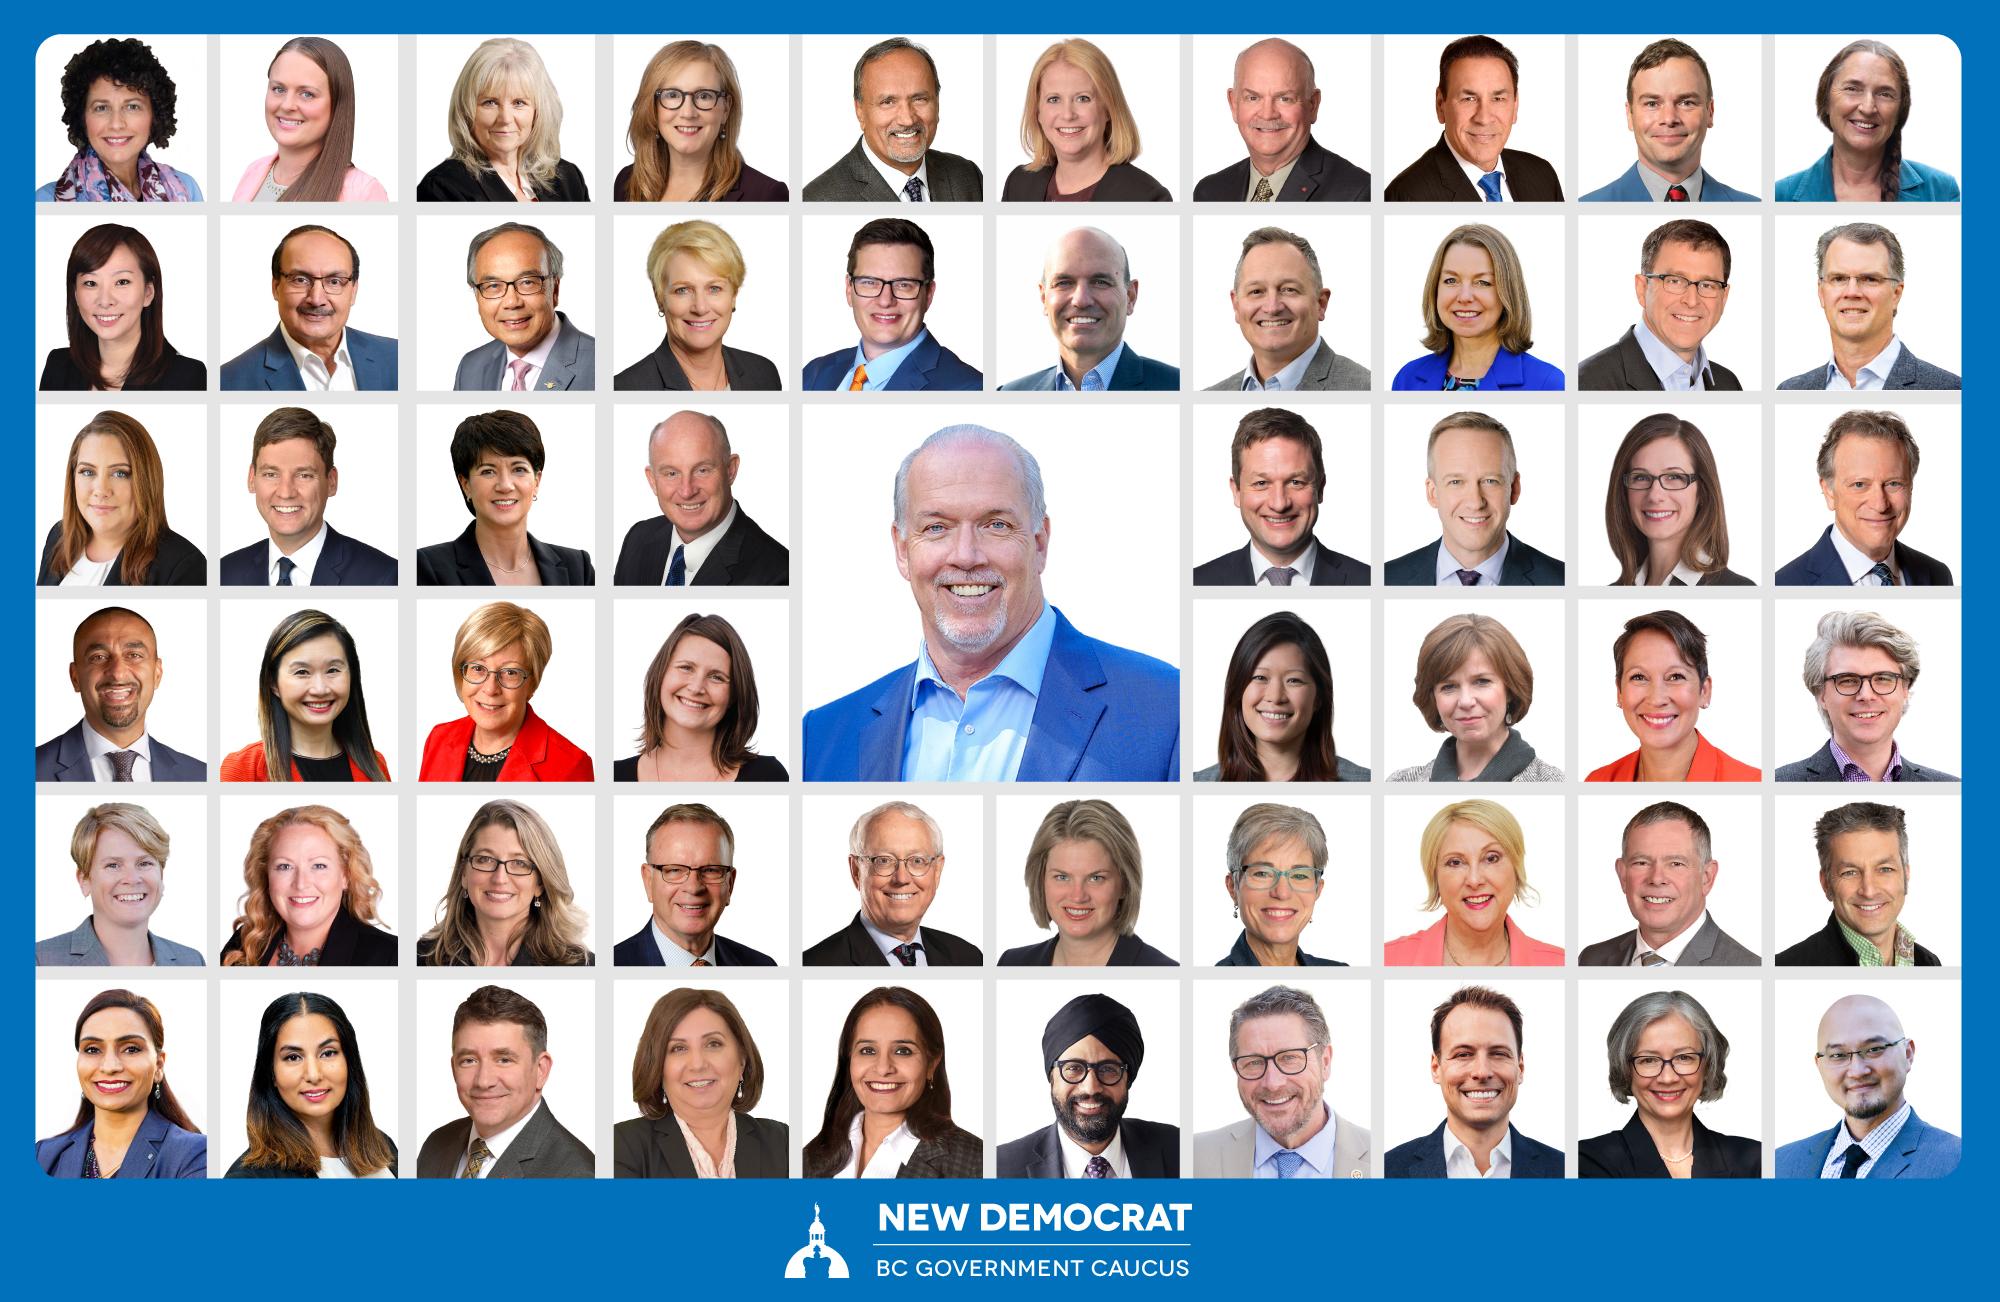 New Democrat BC Govt Caucus